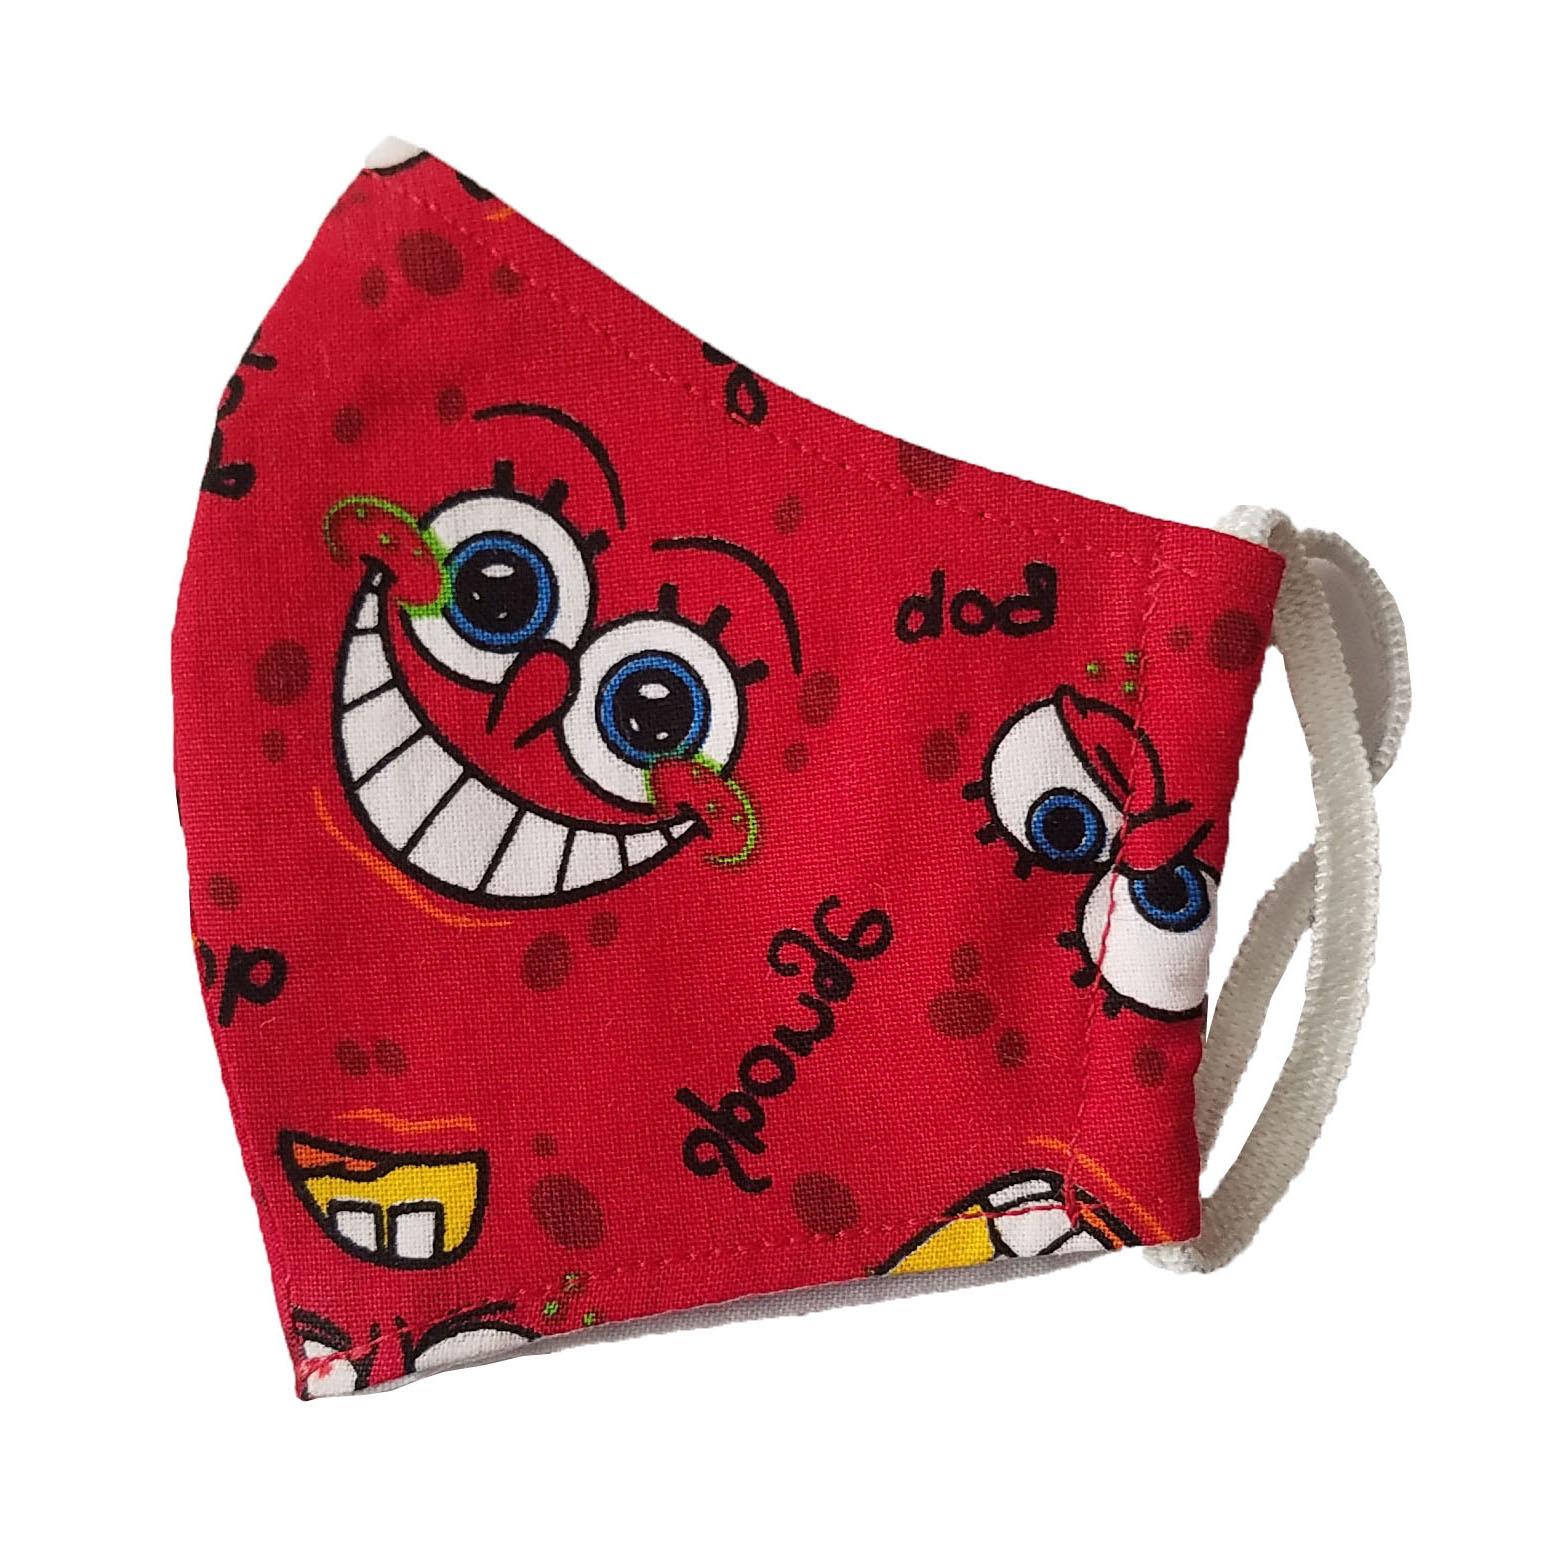 ماسک تزیینی بچگانه طرح باب اسفنجی کد G2